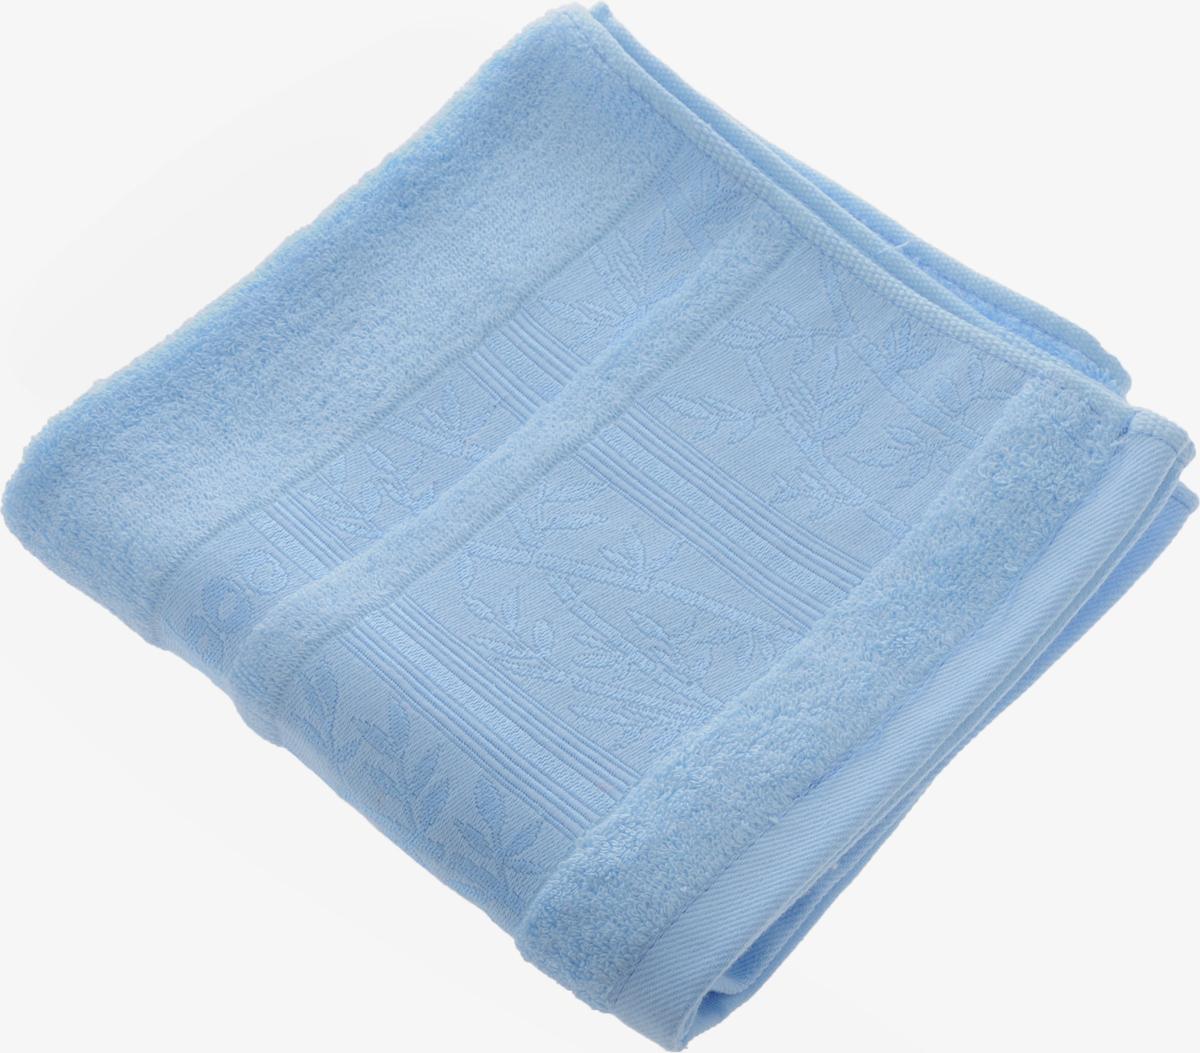 Полотенце Soavita Carol, цвет: голубой, 45 х 90 смUP210DFПолотенце Soavita Carol выполнено из 100% бамбукового волокна. Изделие отлично впитывает влагу, быстро сохнет, сохраняет яркость цвета и не теряет форму даже после многократных стирок. Полотенце очень практично и неприхотливо в уходе. Оно создаст прекрасное настроение и украсит интерьер в ванной комнате.Рекомендуется стирка при температуре 40°C.